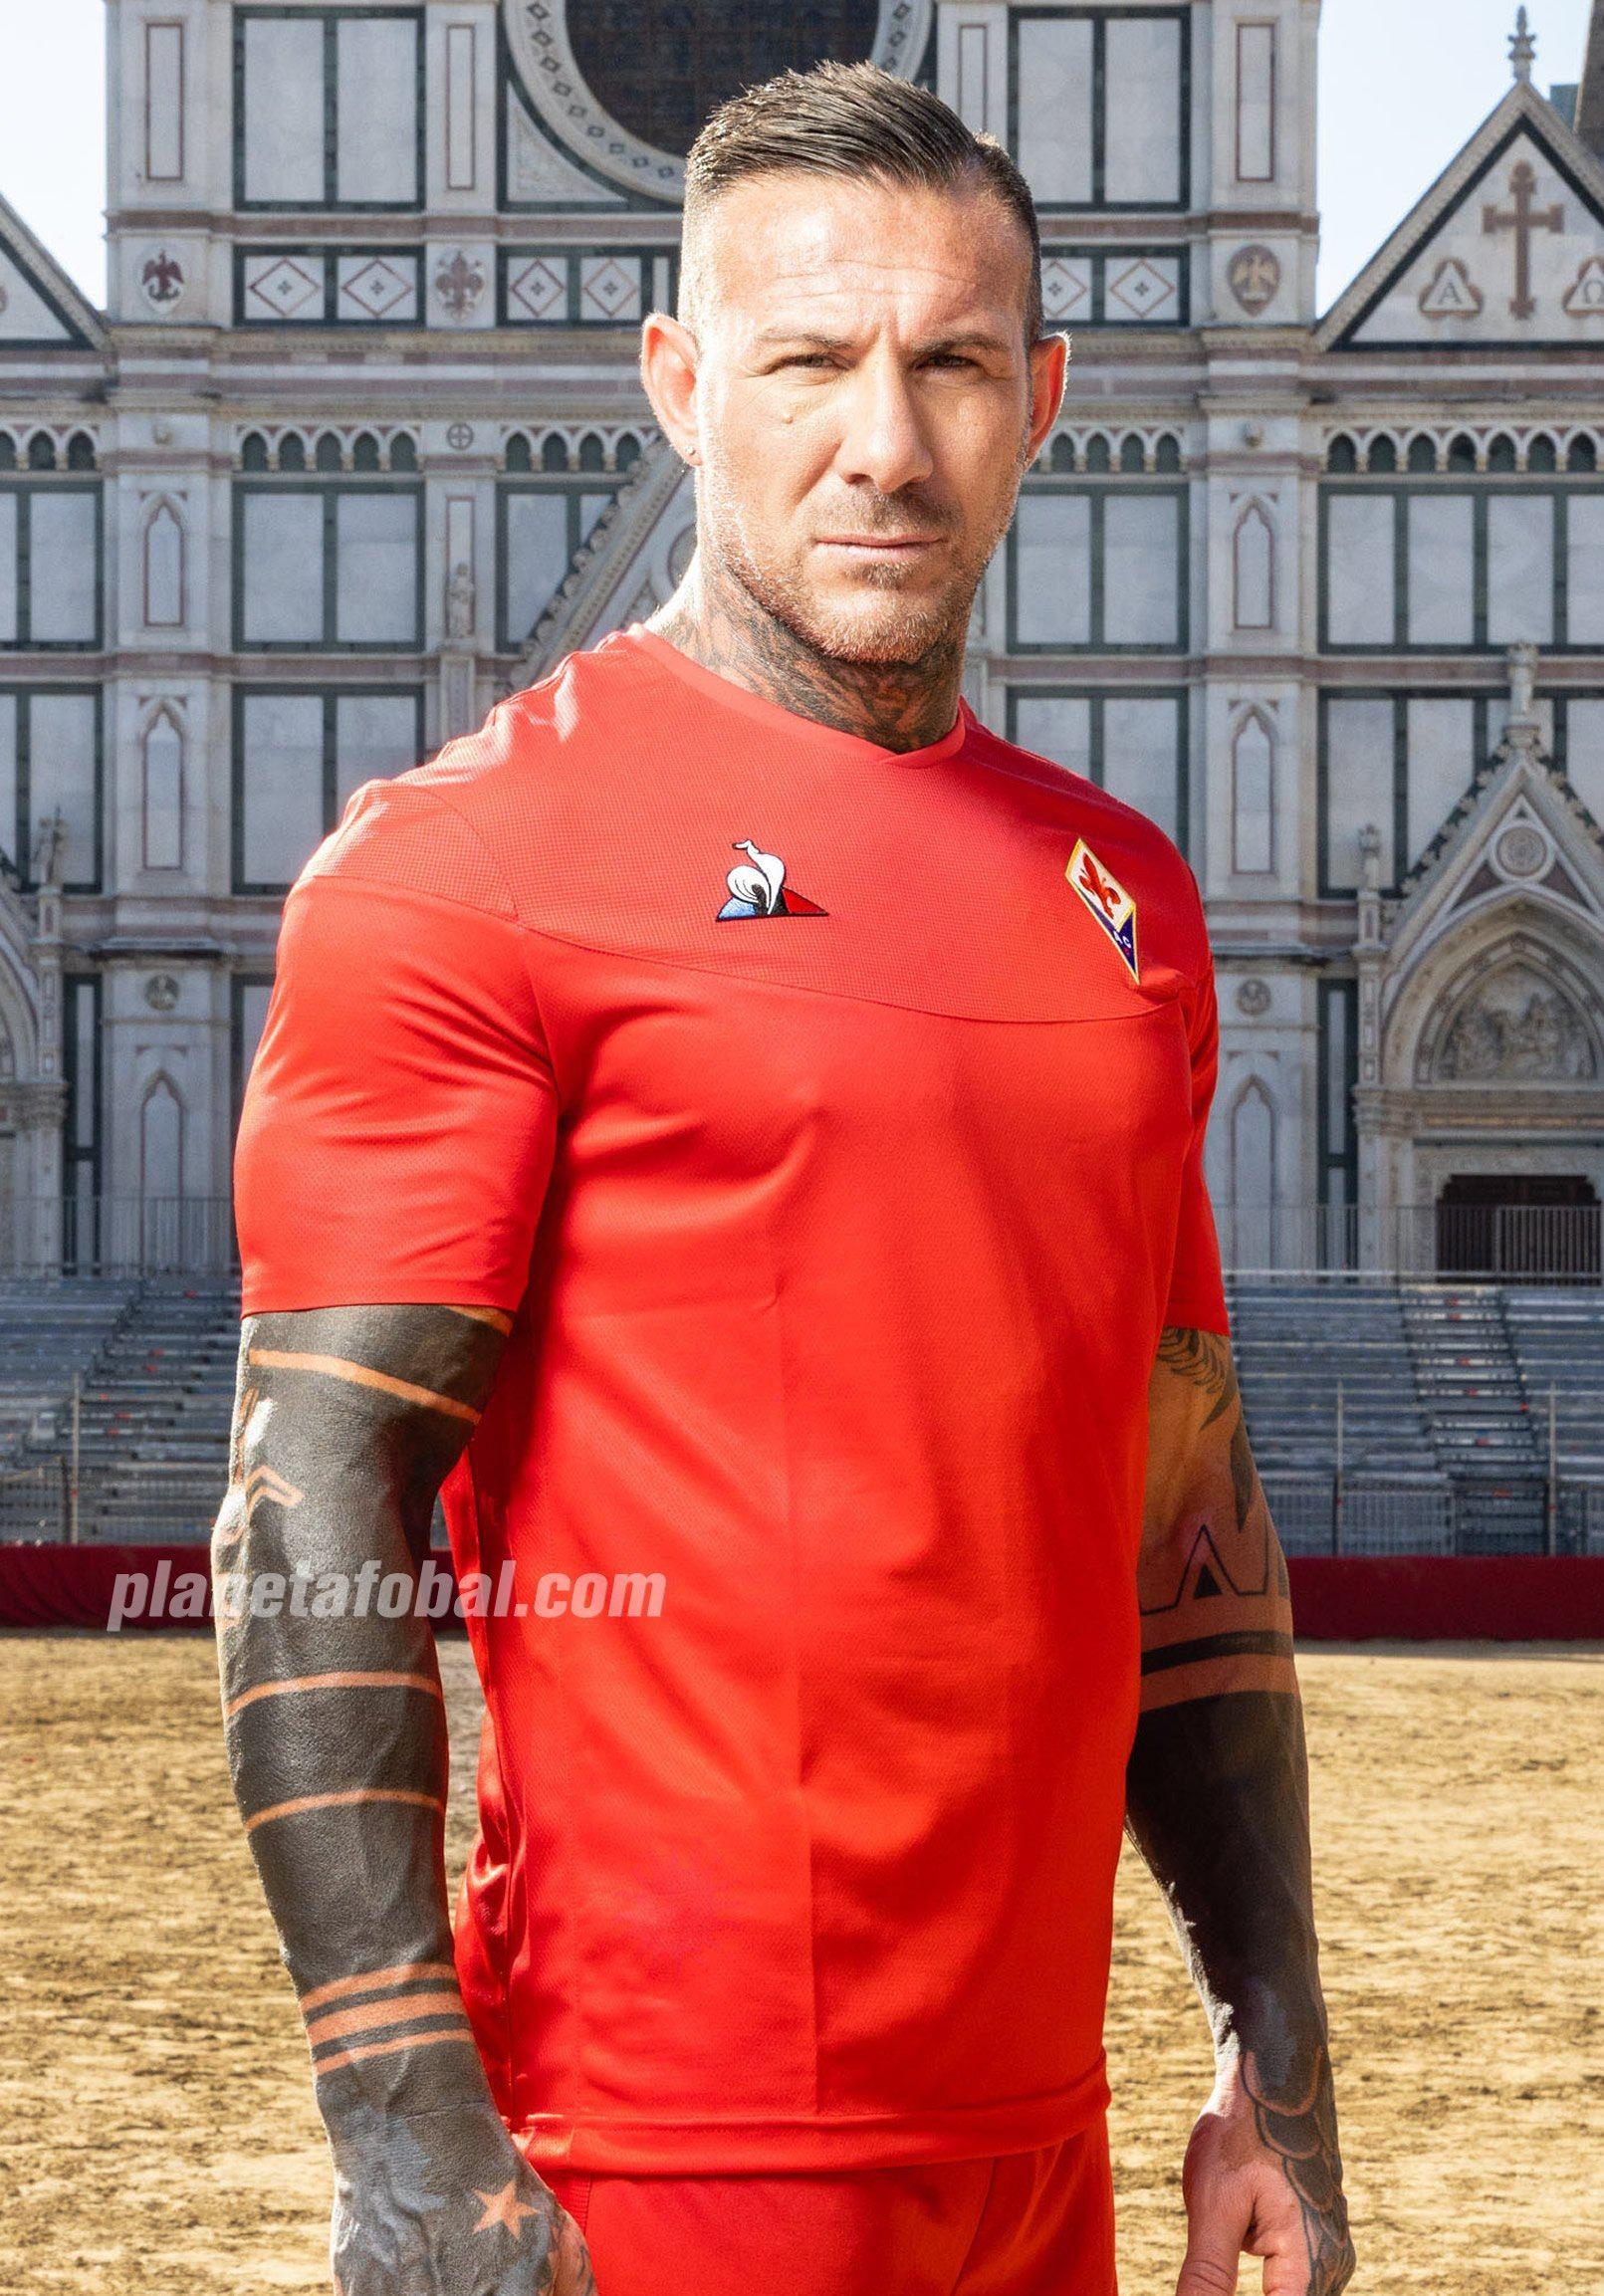 Camisetas alternativas le coq sportif de la Fiorentina 2019/20 | Imagen Web Oficial